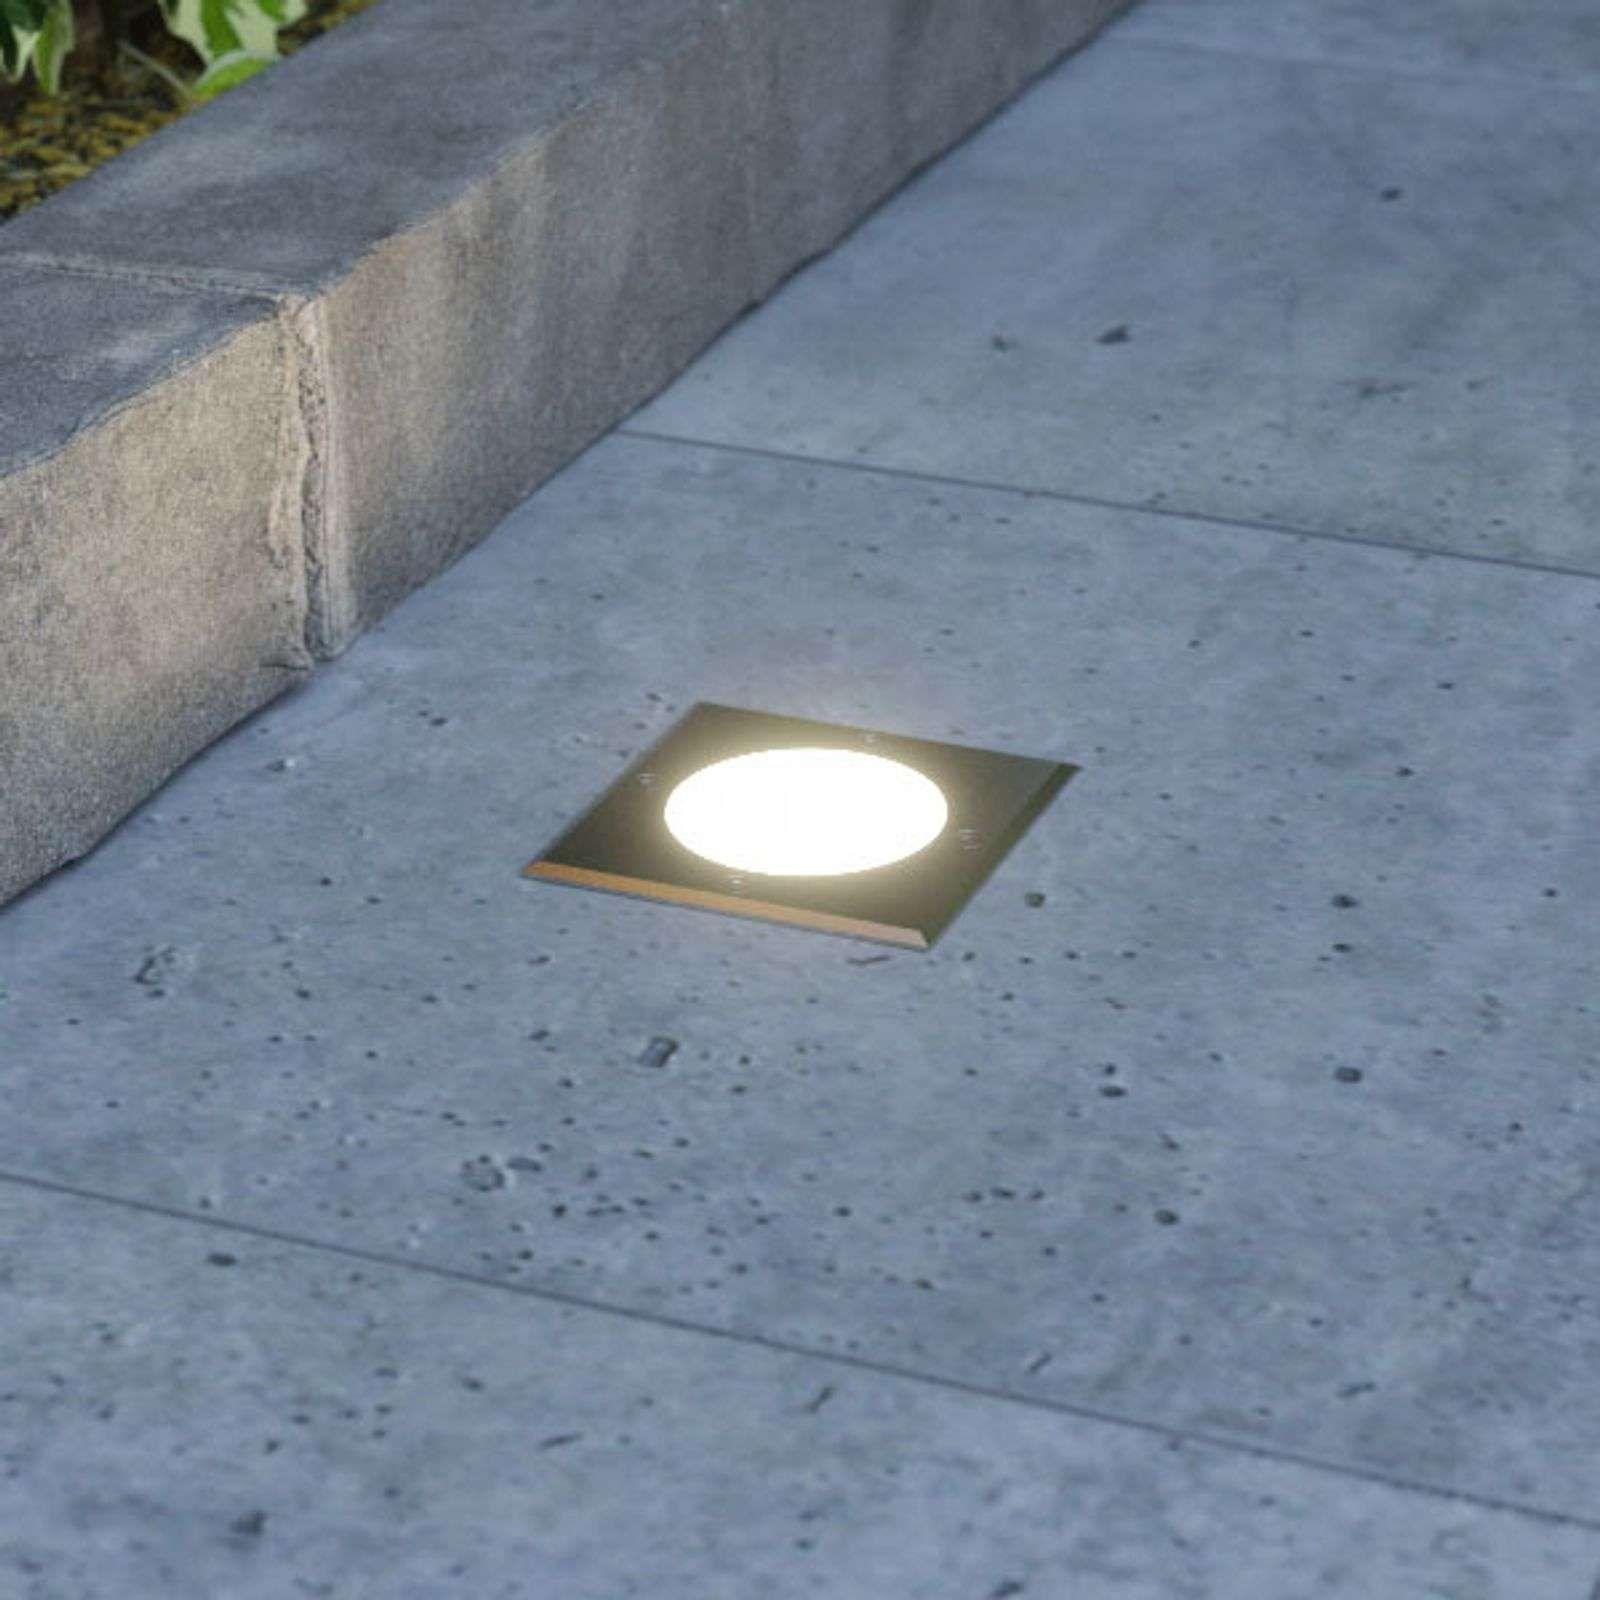 Spot Encastrable Dans Le Sol Led Doris Carre Spot Encastrable Lampe Exterieur Et Led